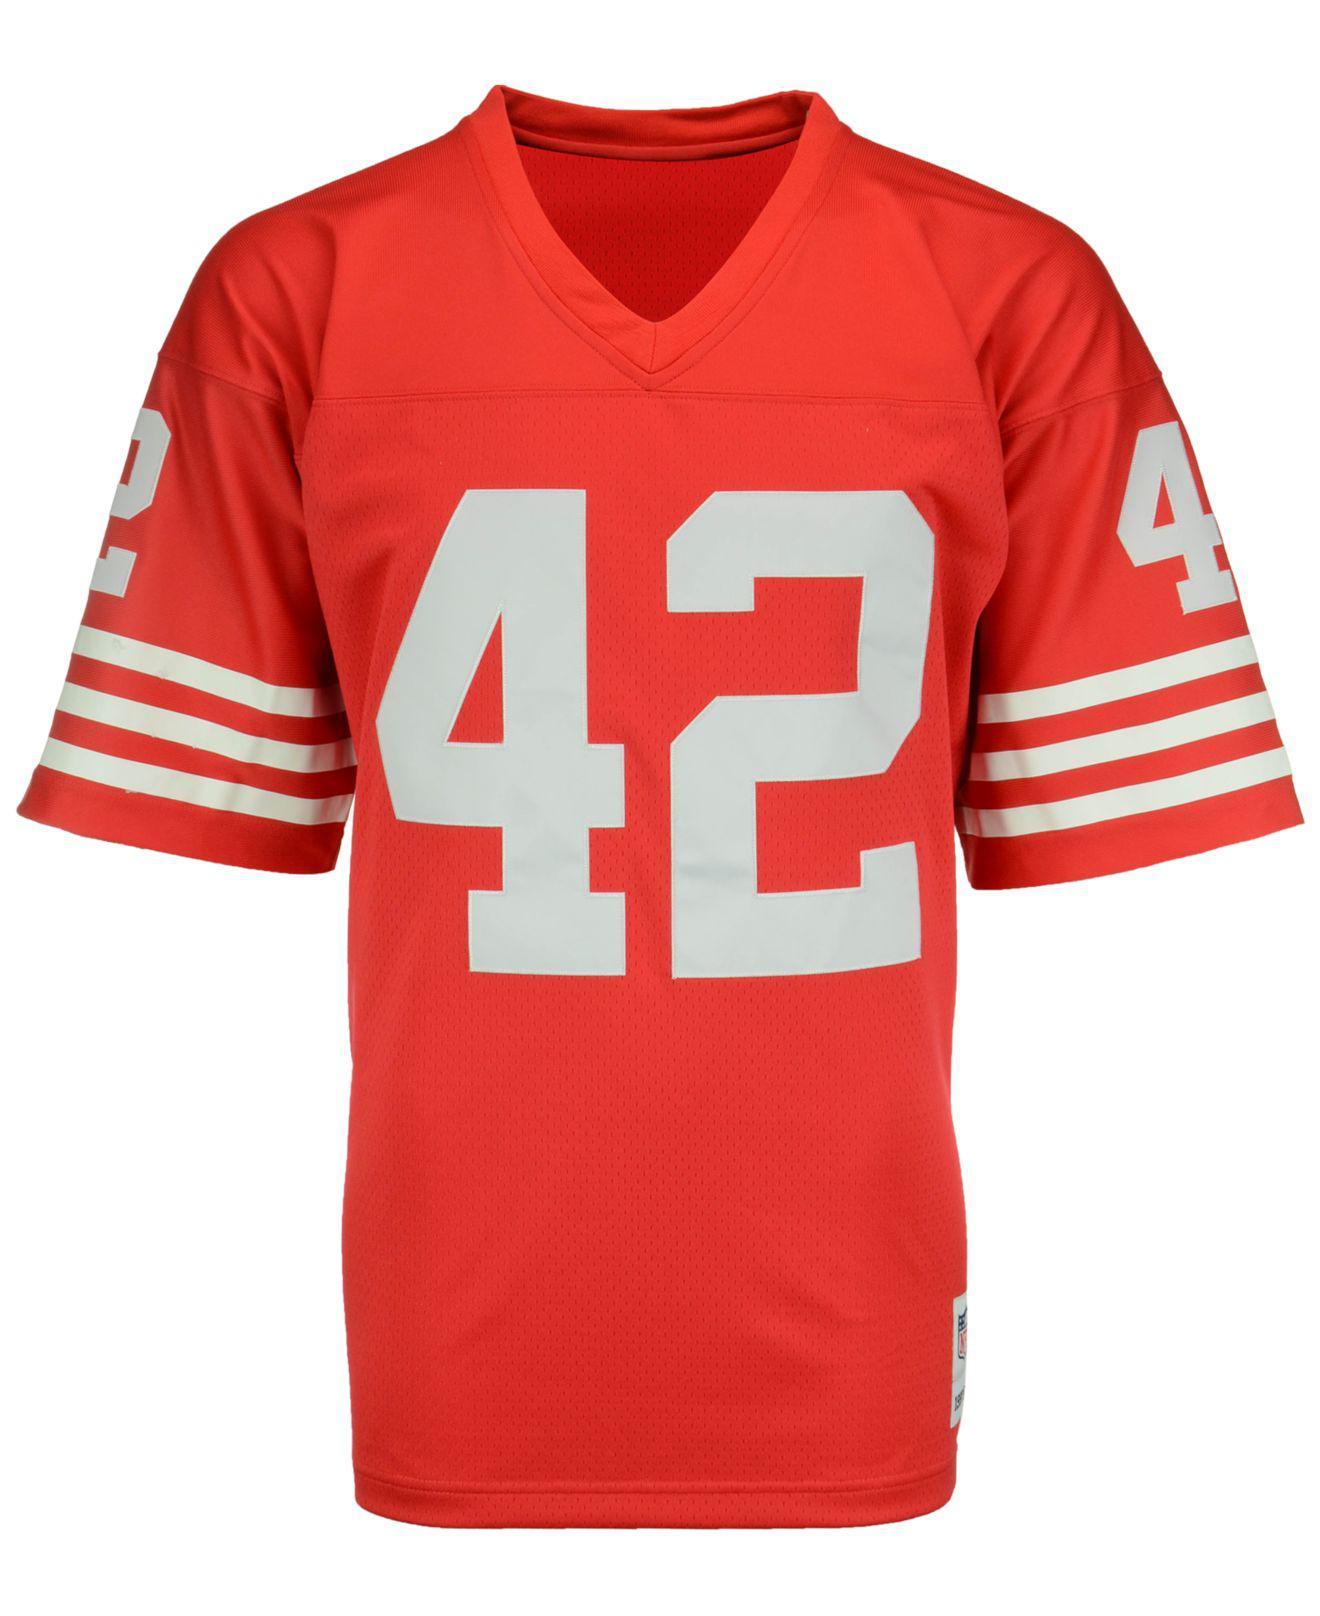 09ed8285b Lyst - Mitchell   Ness Ronnie Lott San Francisco 49ers Replica ...